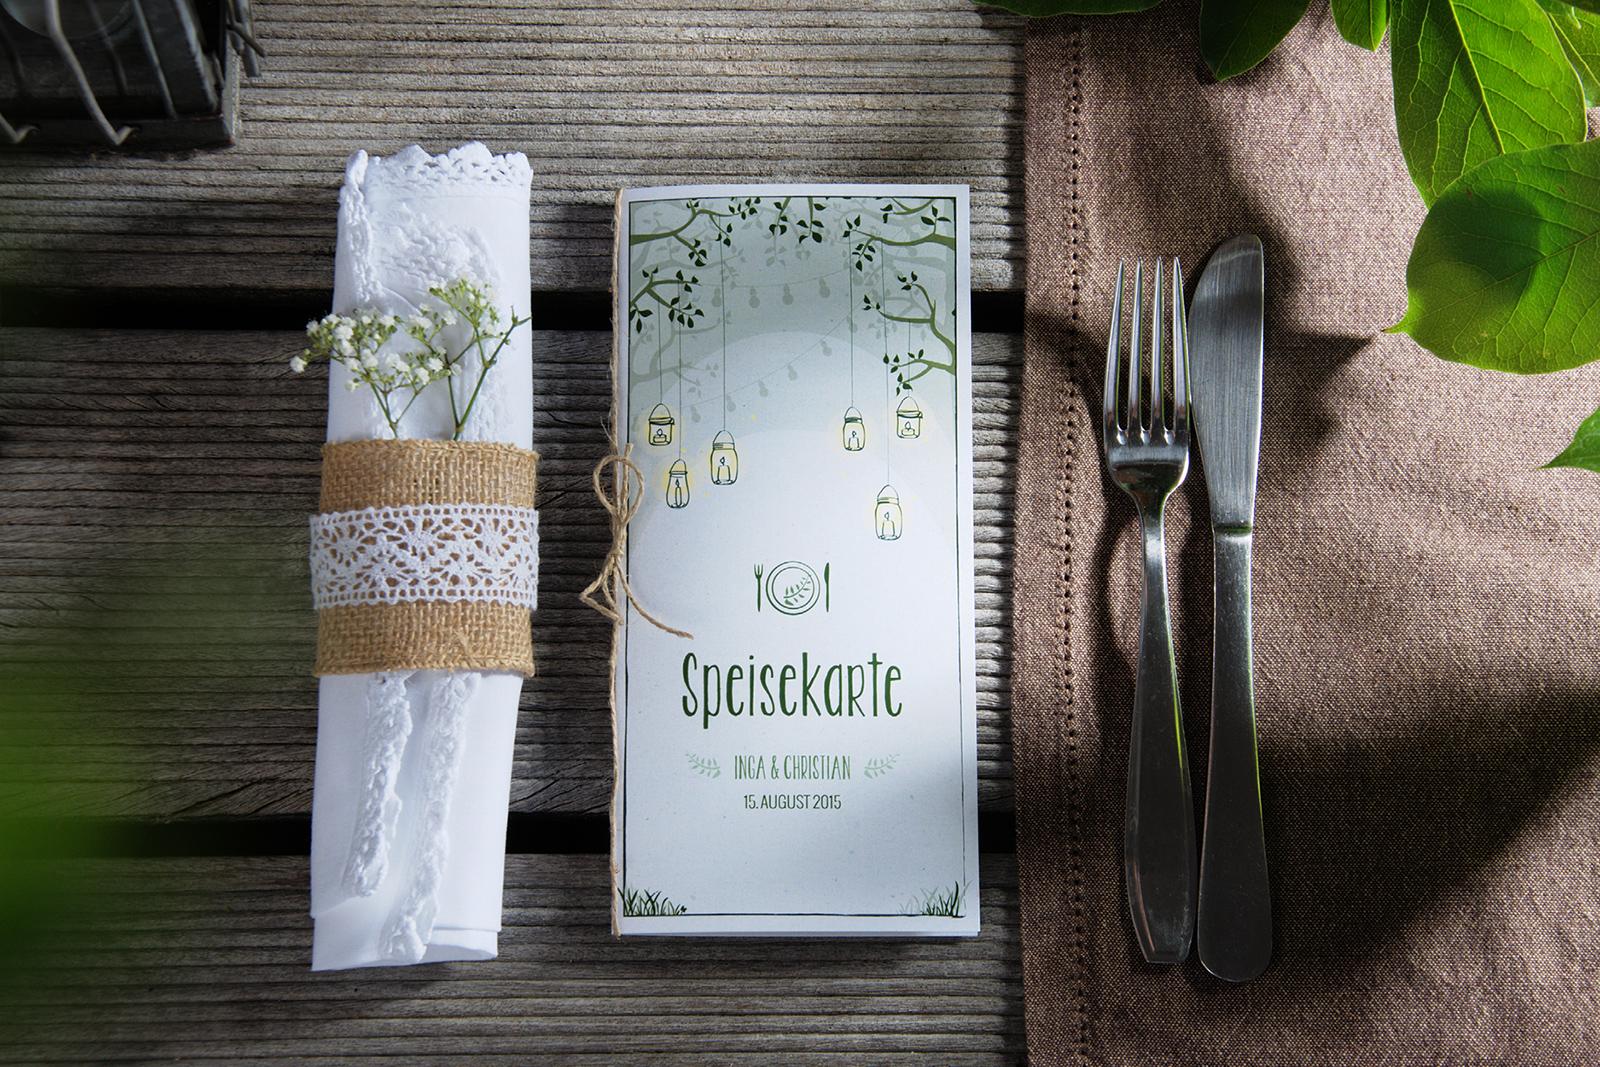 2-Hochzeitskarte-Einladung-Hochzeitseinladung-Hochzeitskartendesign-Gartentraum-Gartenfest-Bäume-Blätter-2